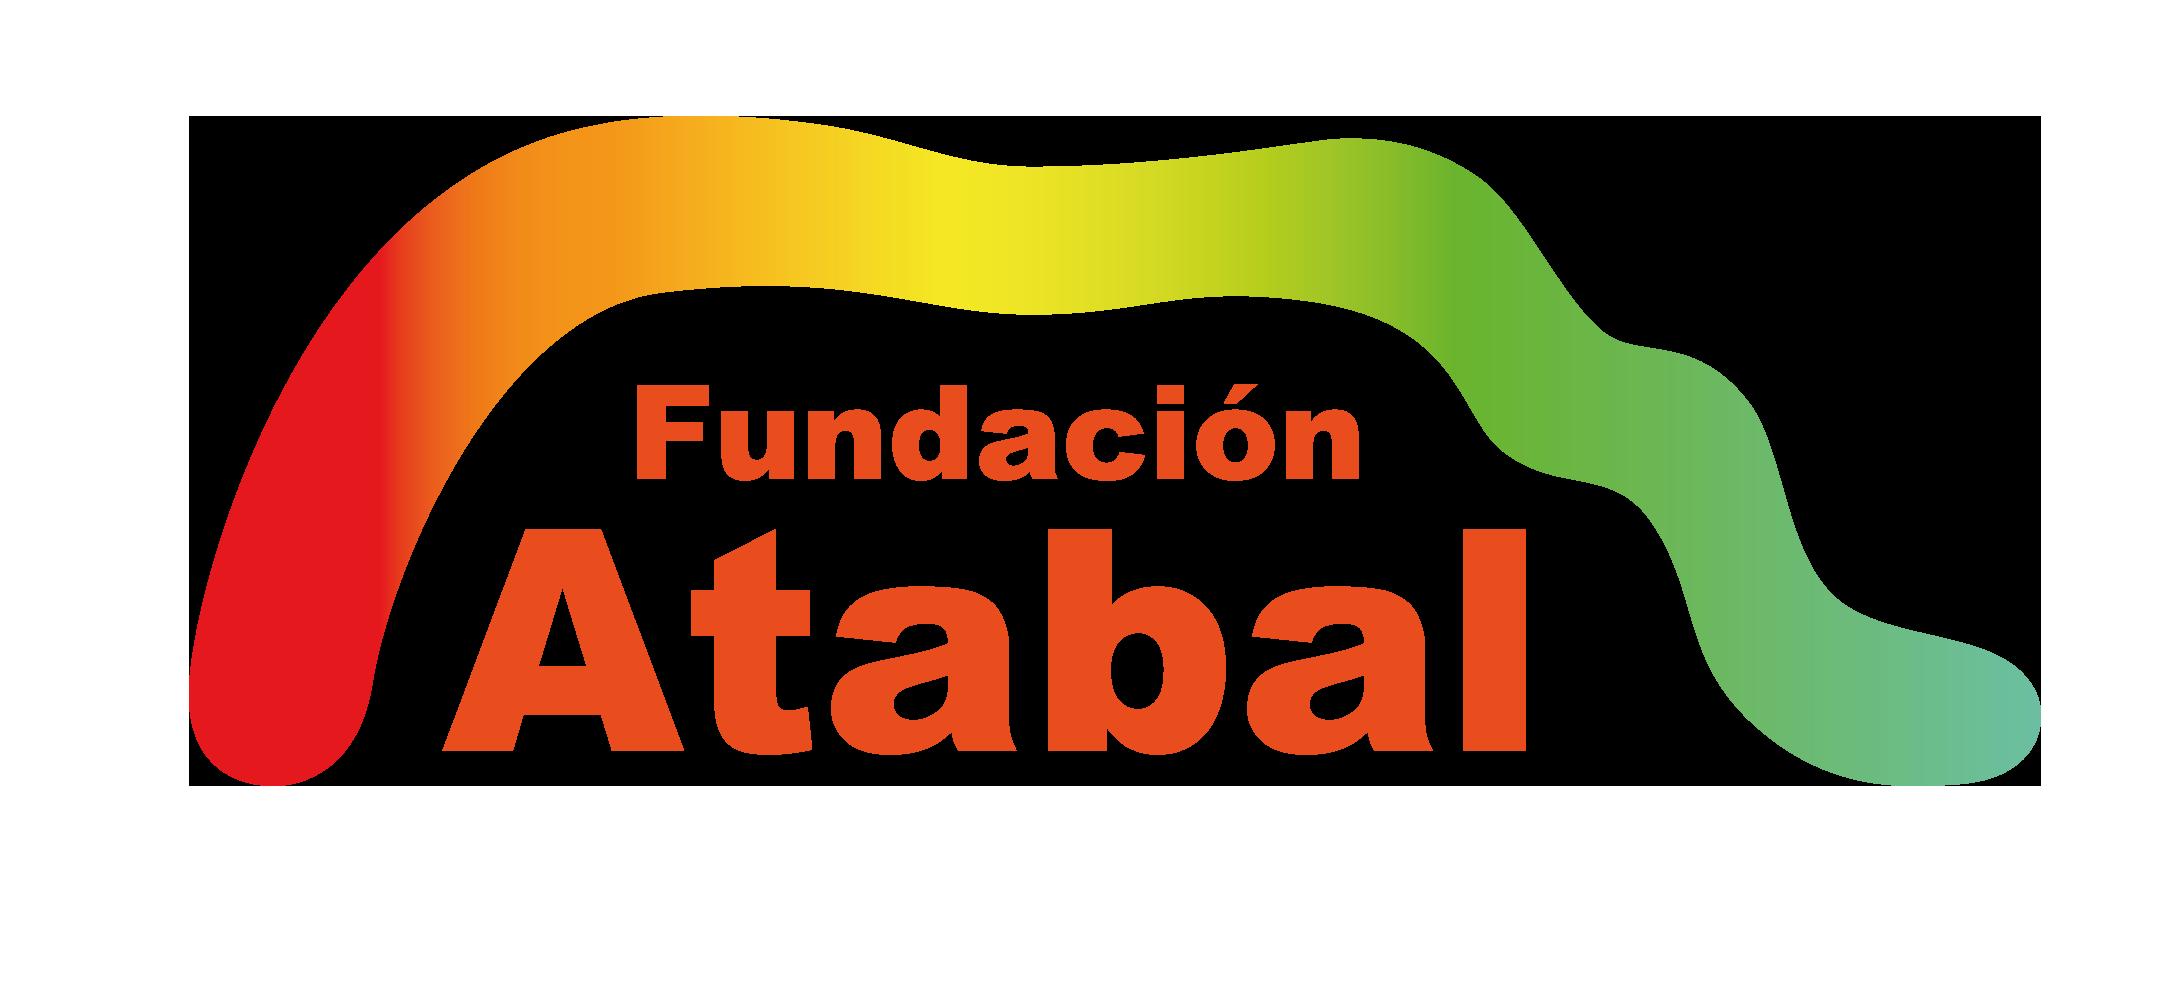 Fundación Atabal